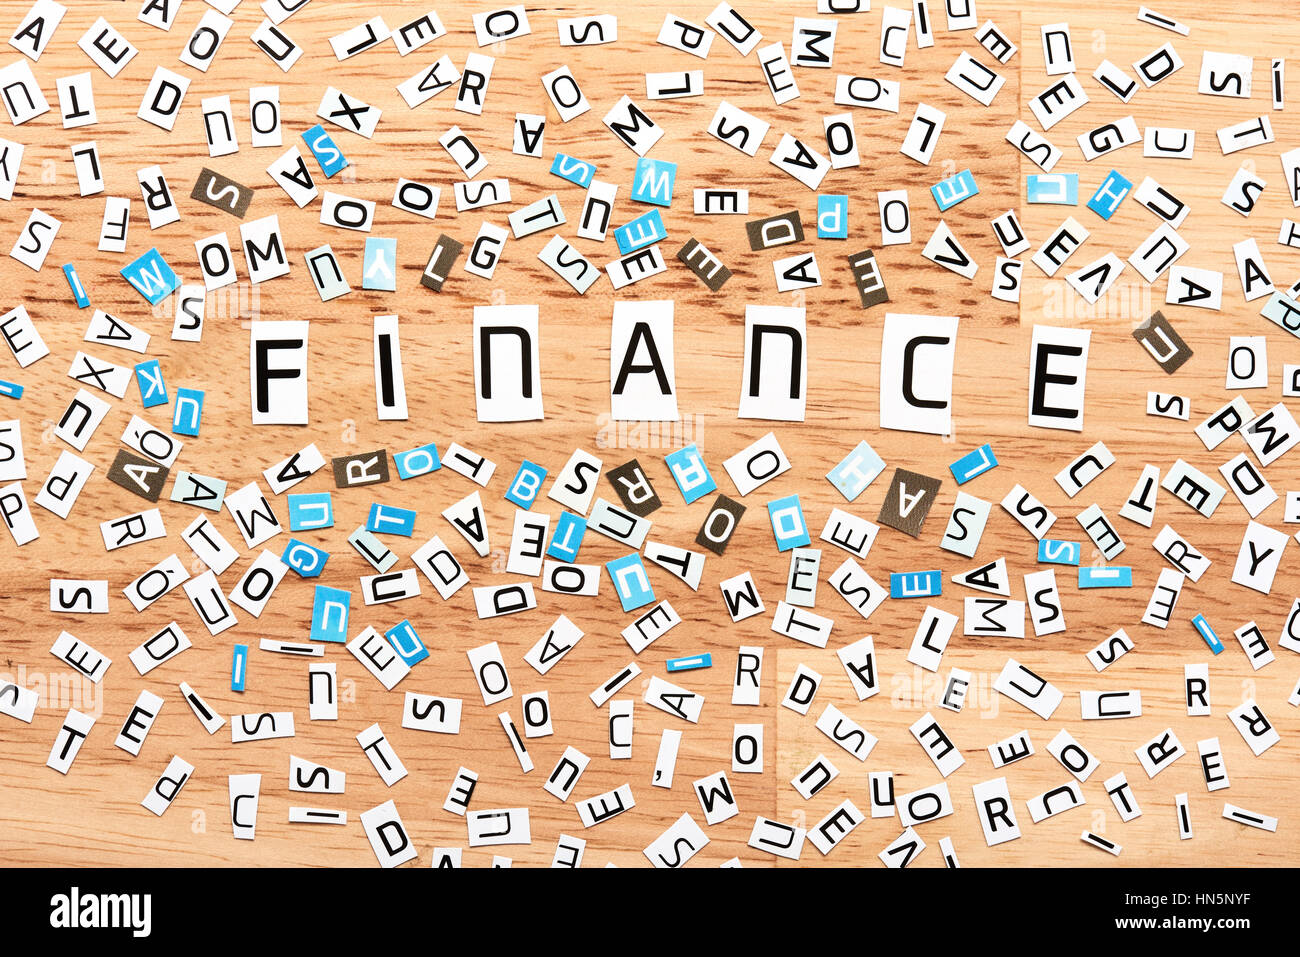 Paper Cut Out Font Letter Stock Photos & Paper Cut Out Font